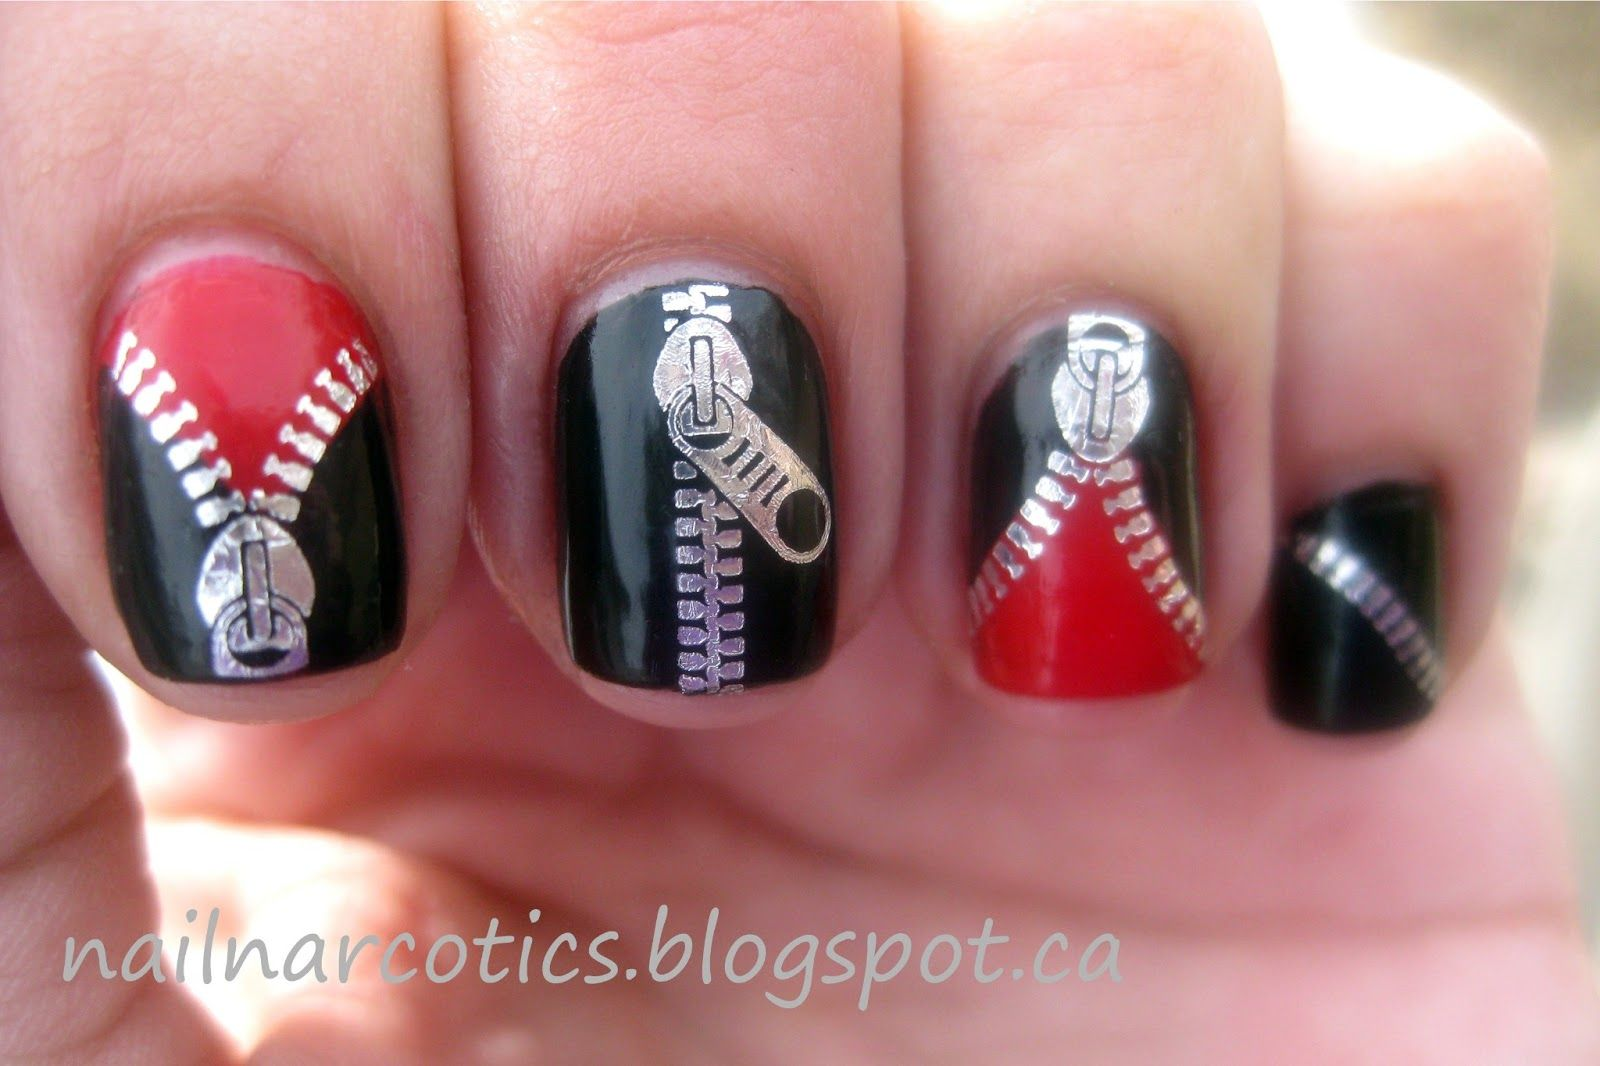 Nails zipper water decalsbornpretty review fingernail designs